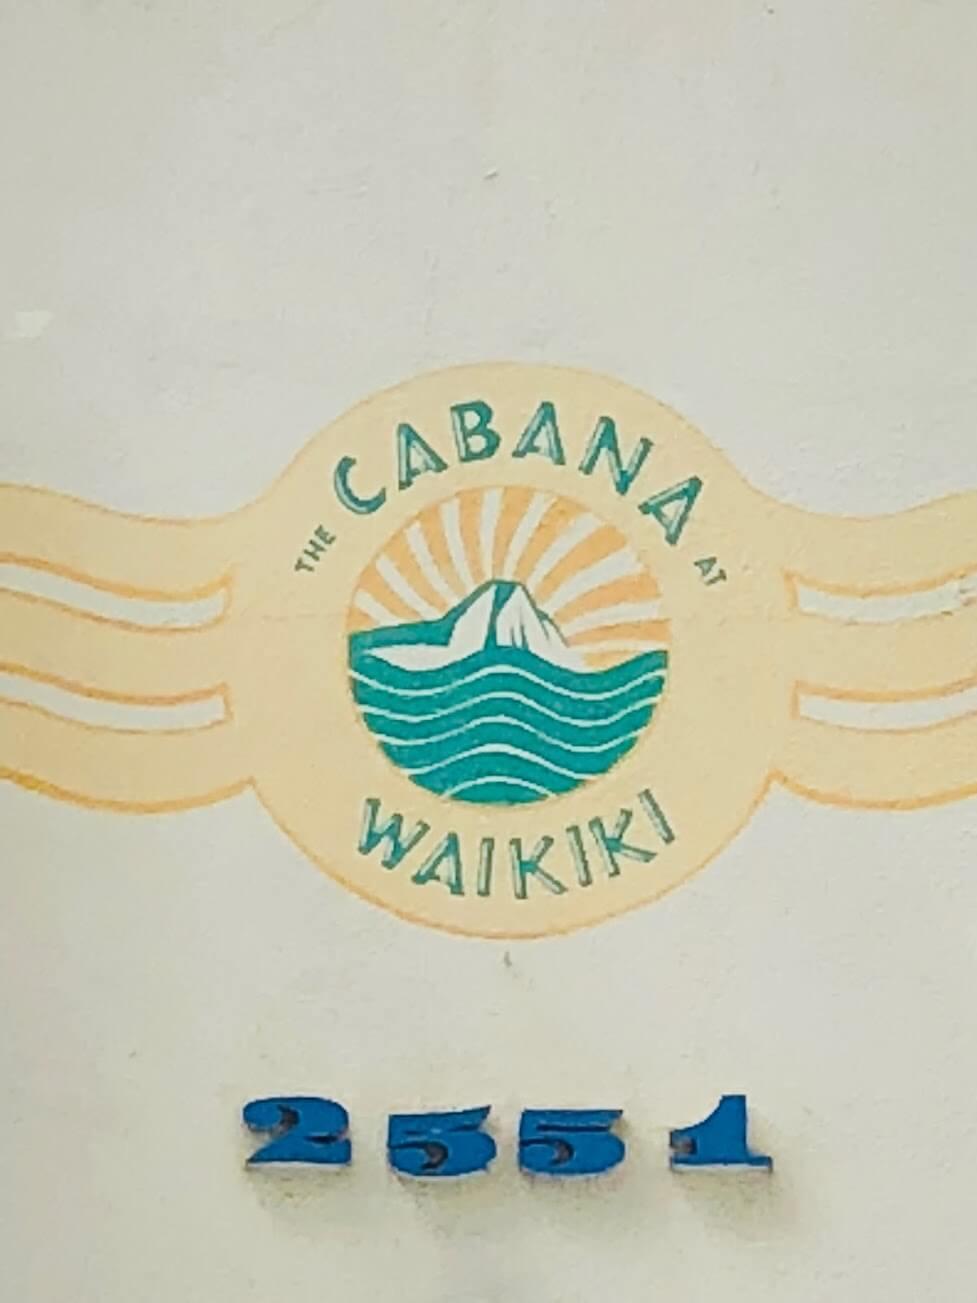 Cabana At Waikikiのロゴ